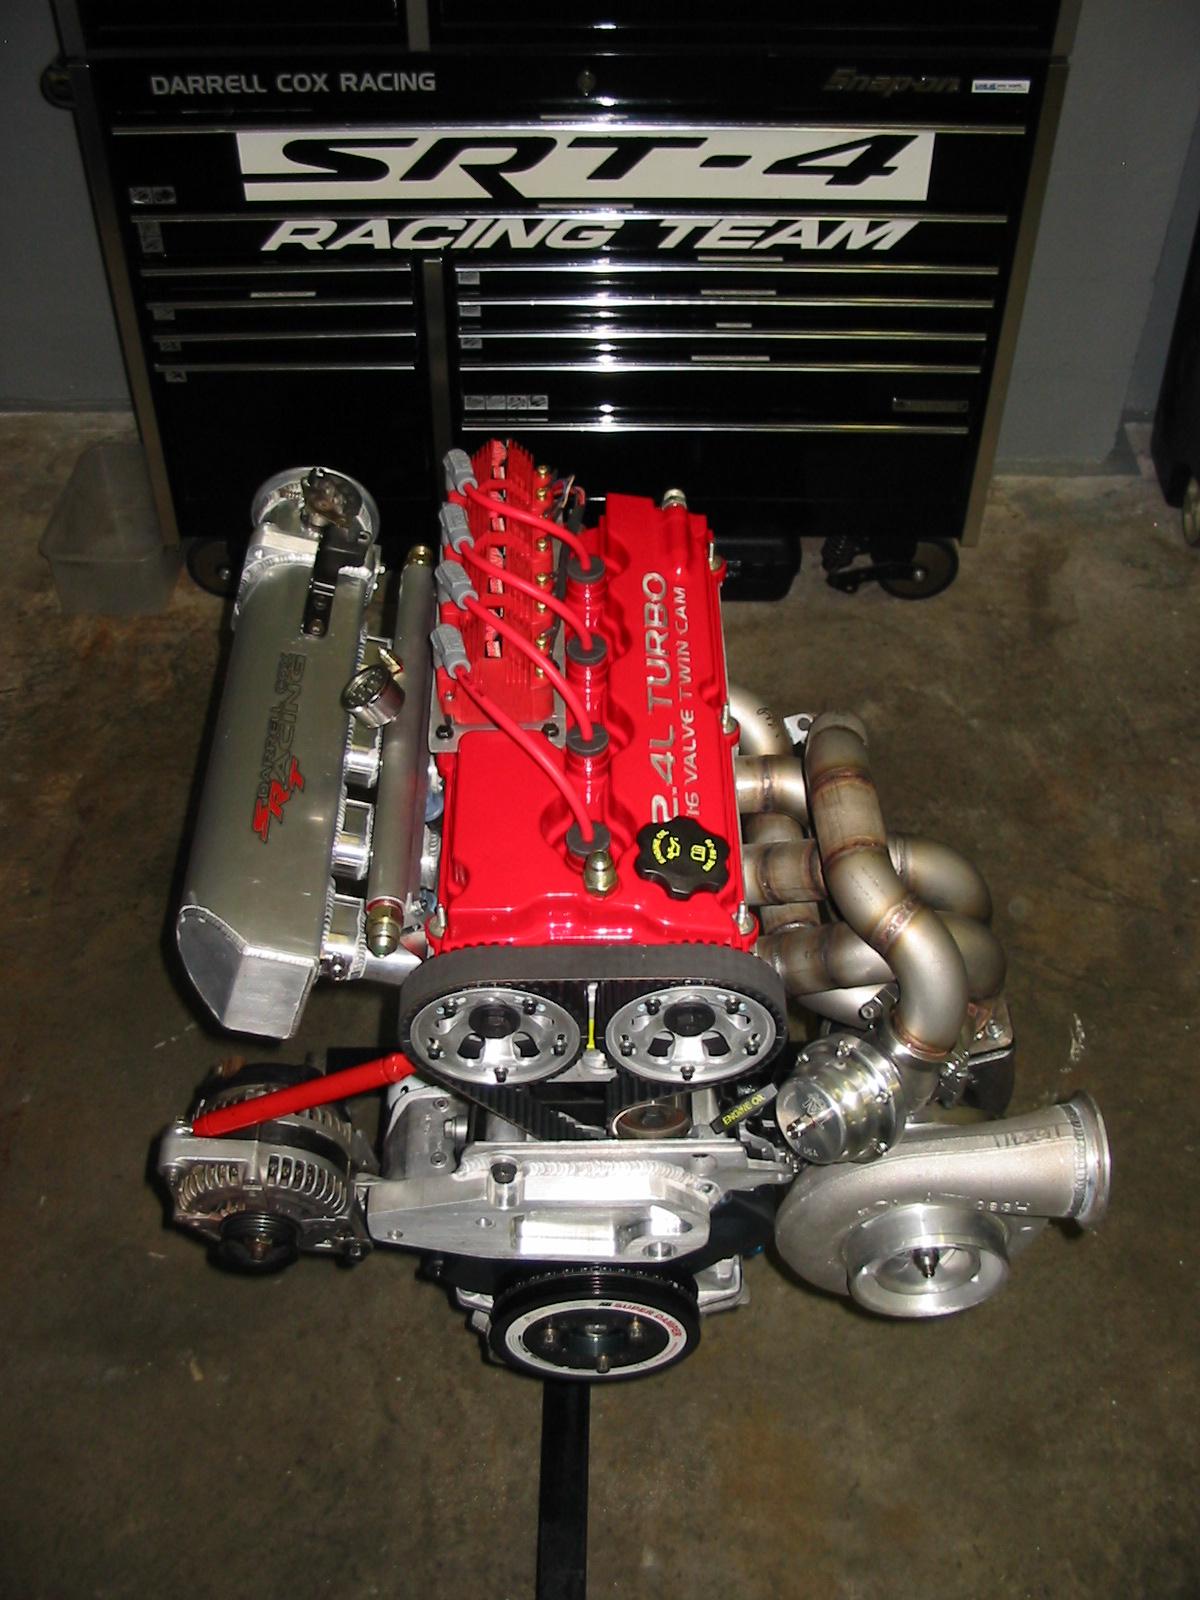 My built bottom end 50 trim srt4 build!! - Page 4 - Dodge SRT Forum